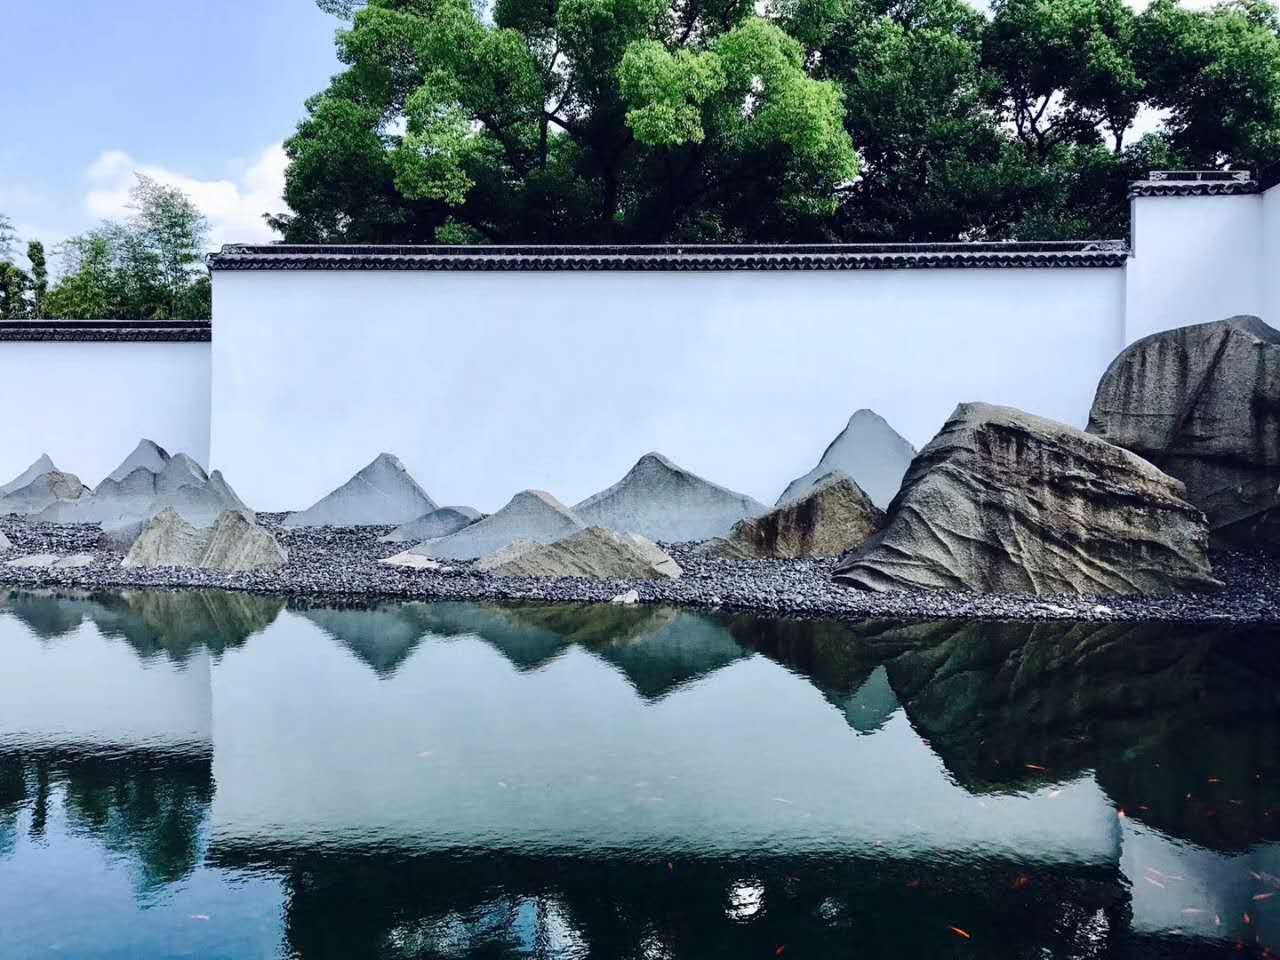 """苏州博物馆,""""现代建筑的最后大师""""贝聿铭先生的封山之作"""